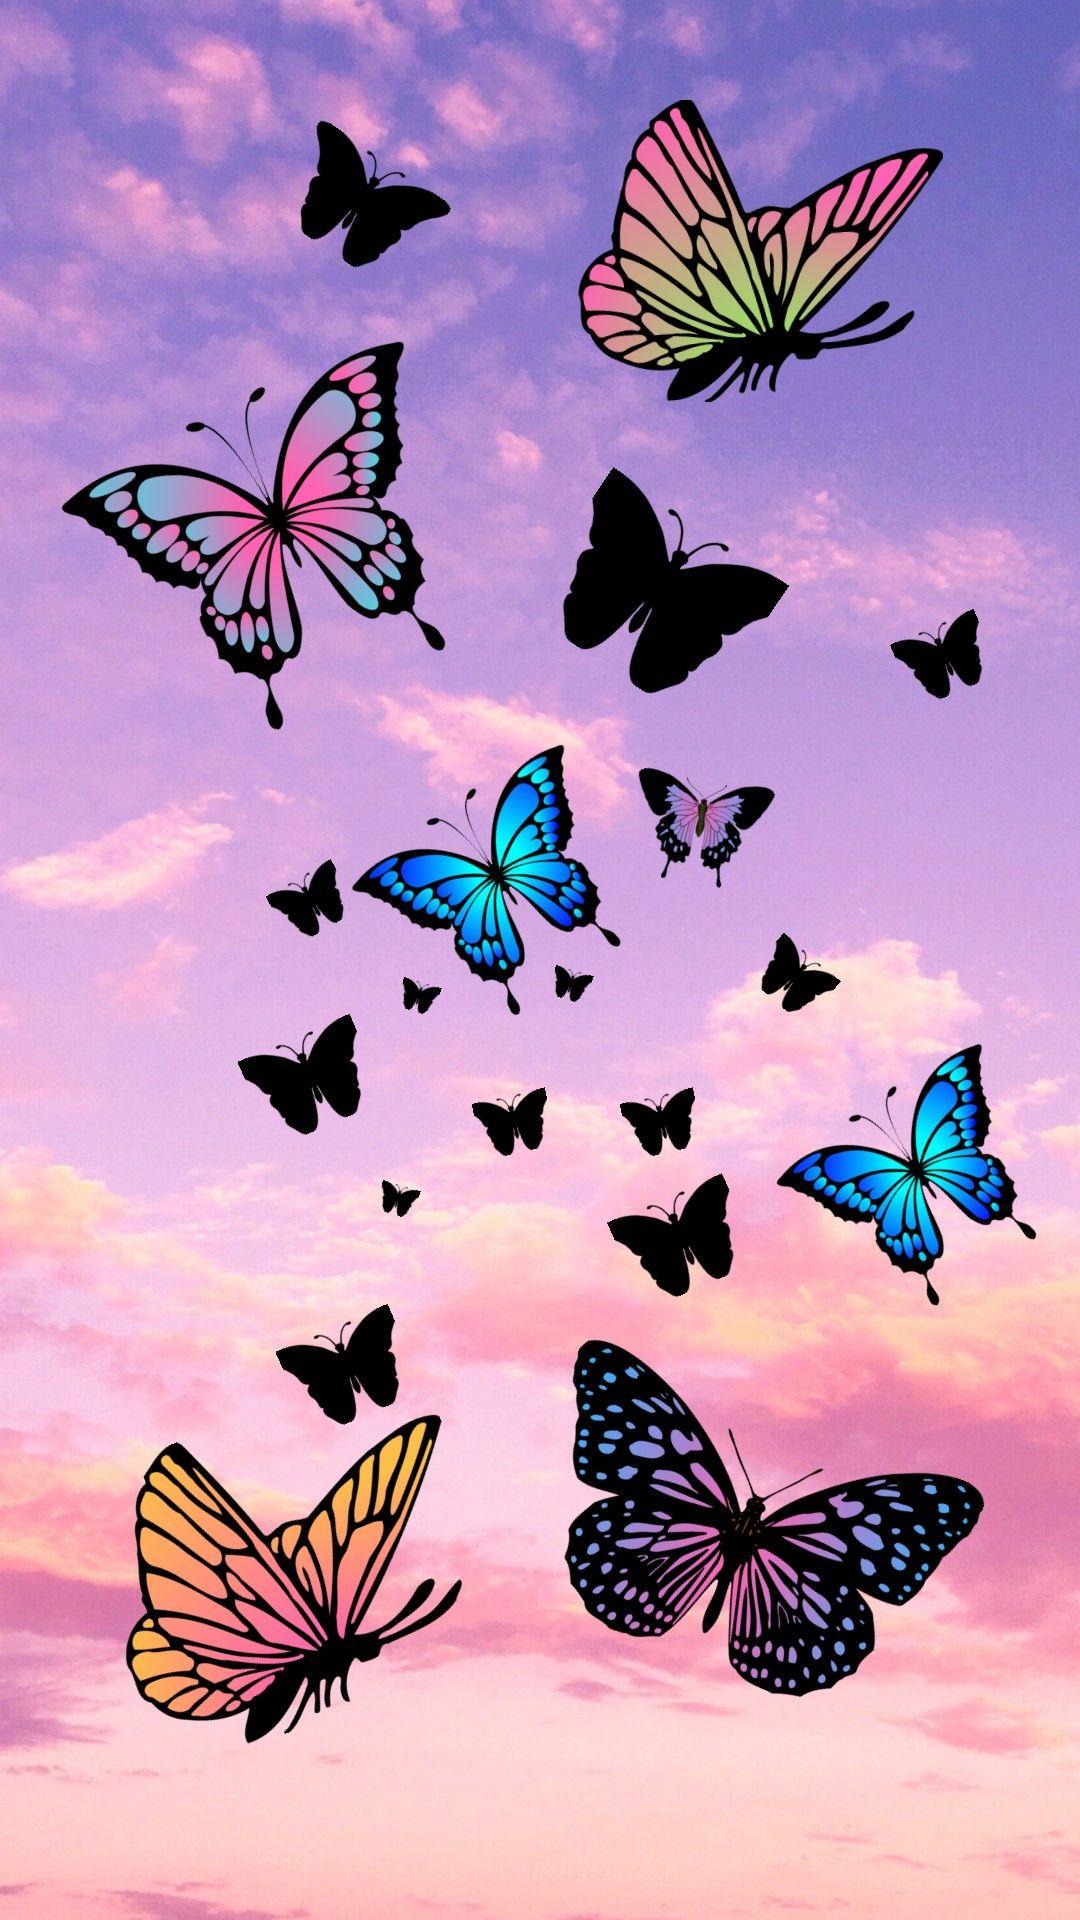 Butterflies In The Pink Sky Butterfly Wallpaper Iphone Butterfly Wallpaper Purple Butterfly Wallpaper